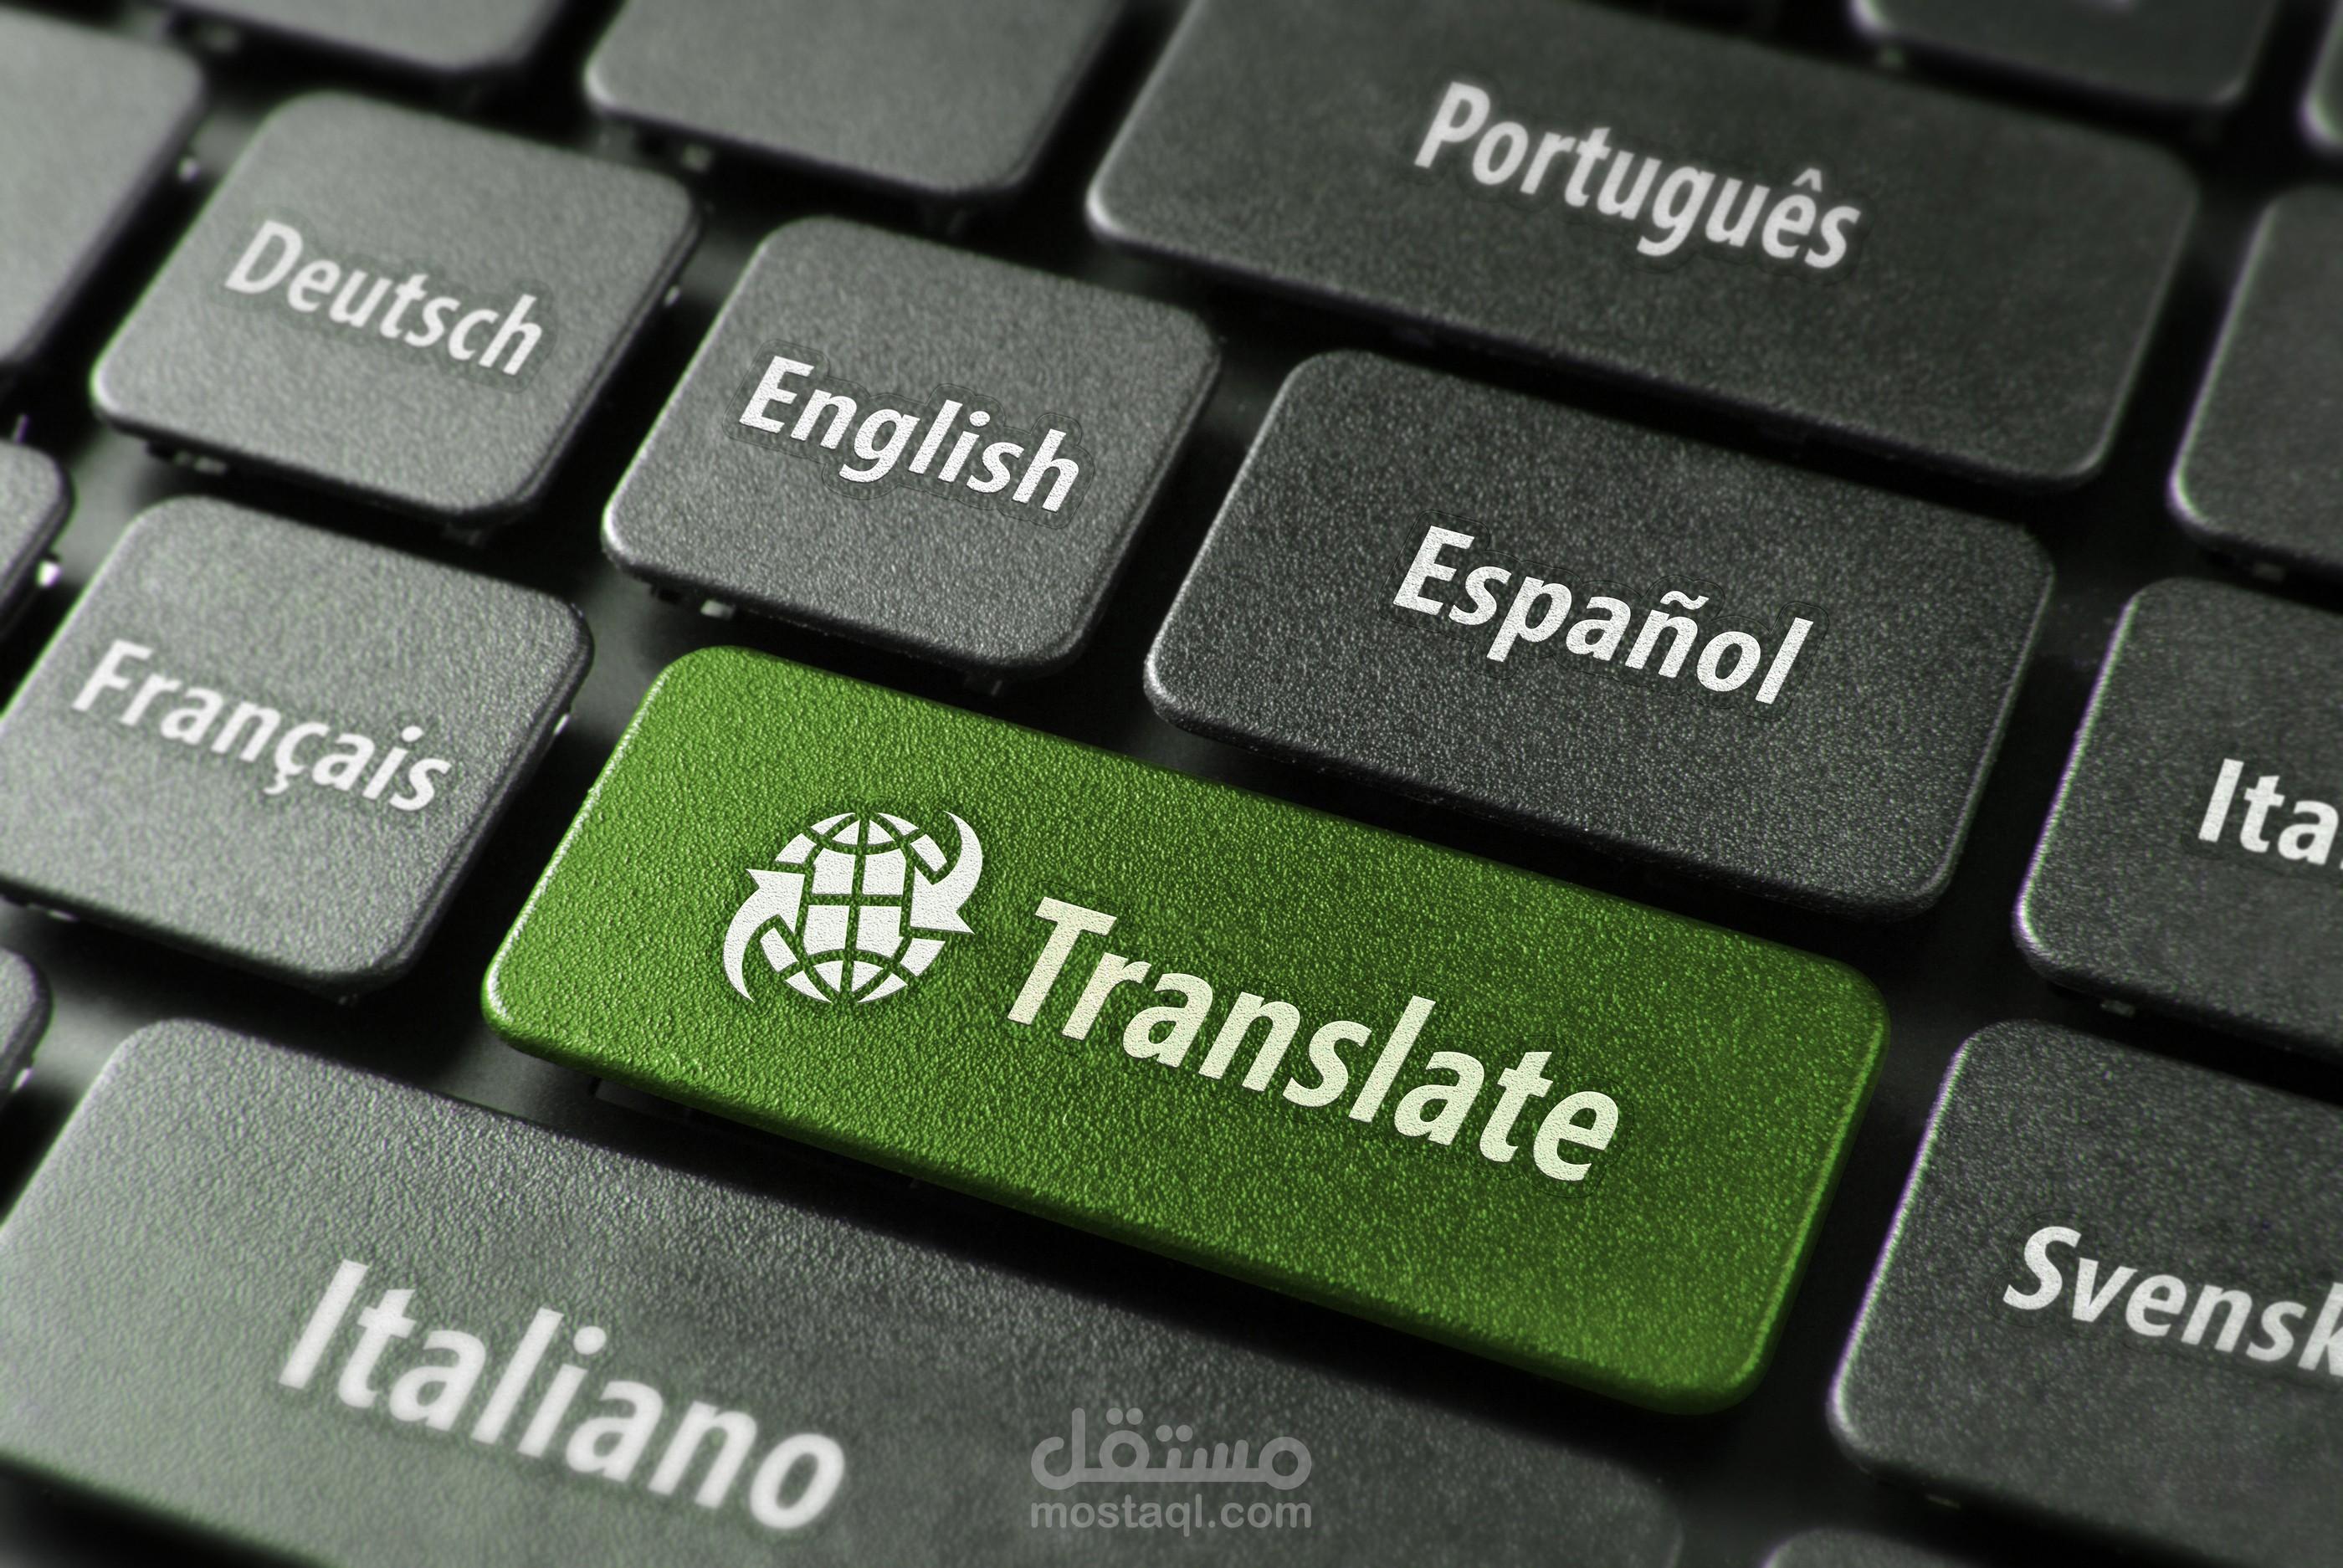 نموذج ترجمة من الفرنسية إلى العربية العامية